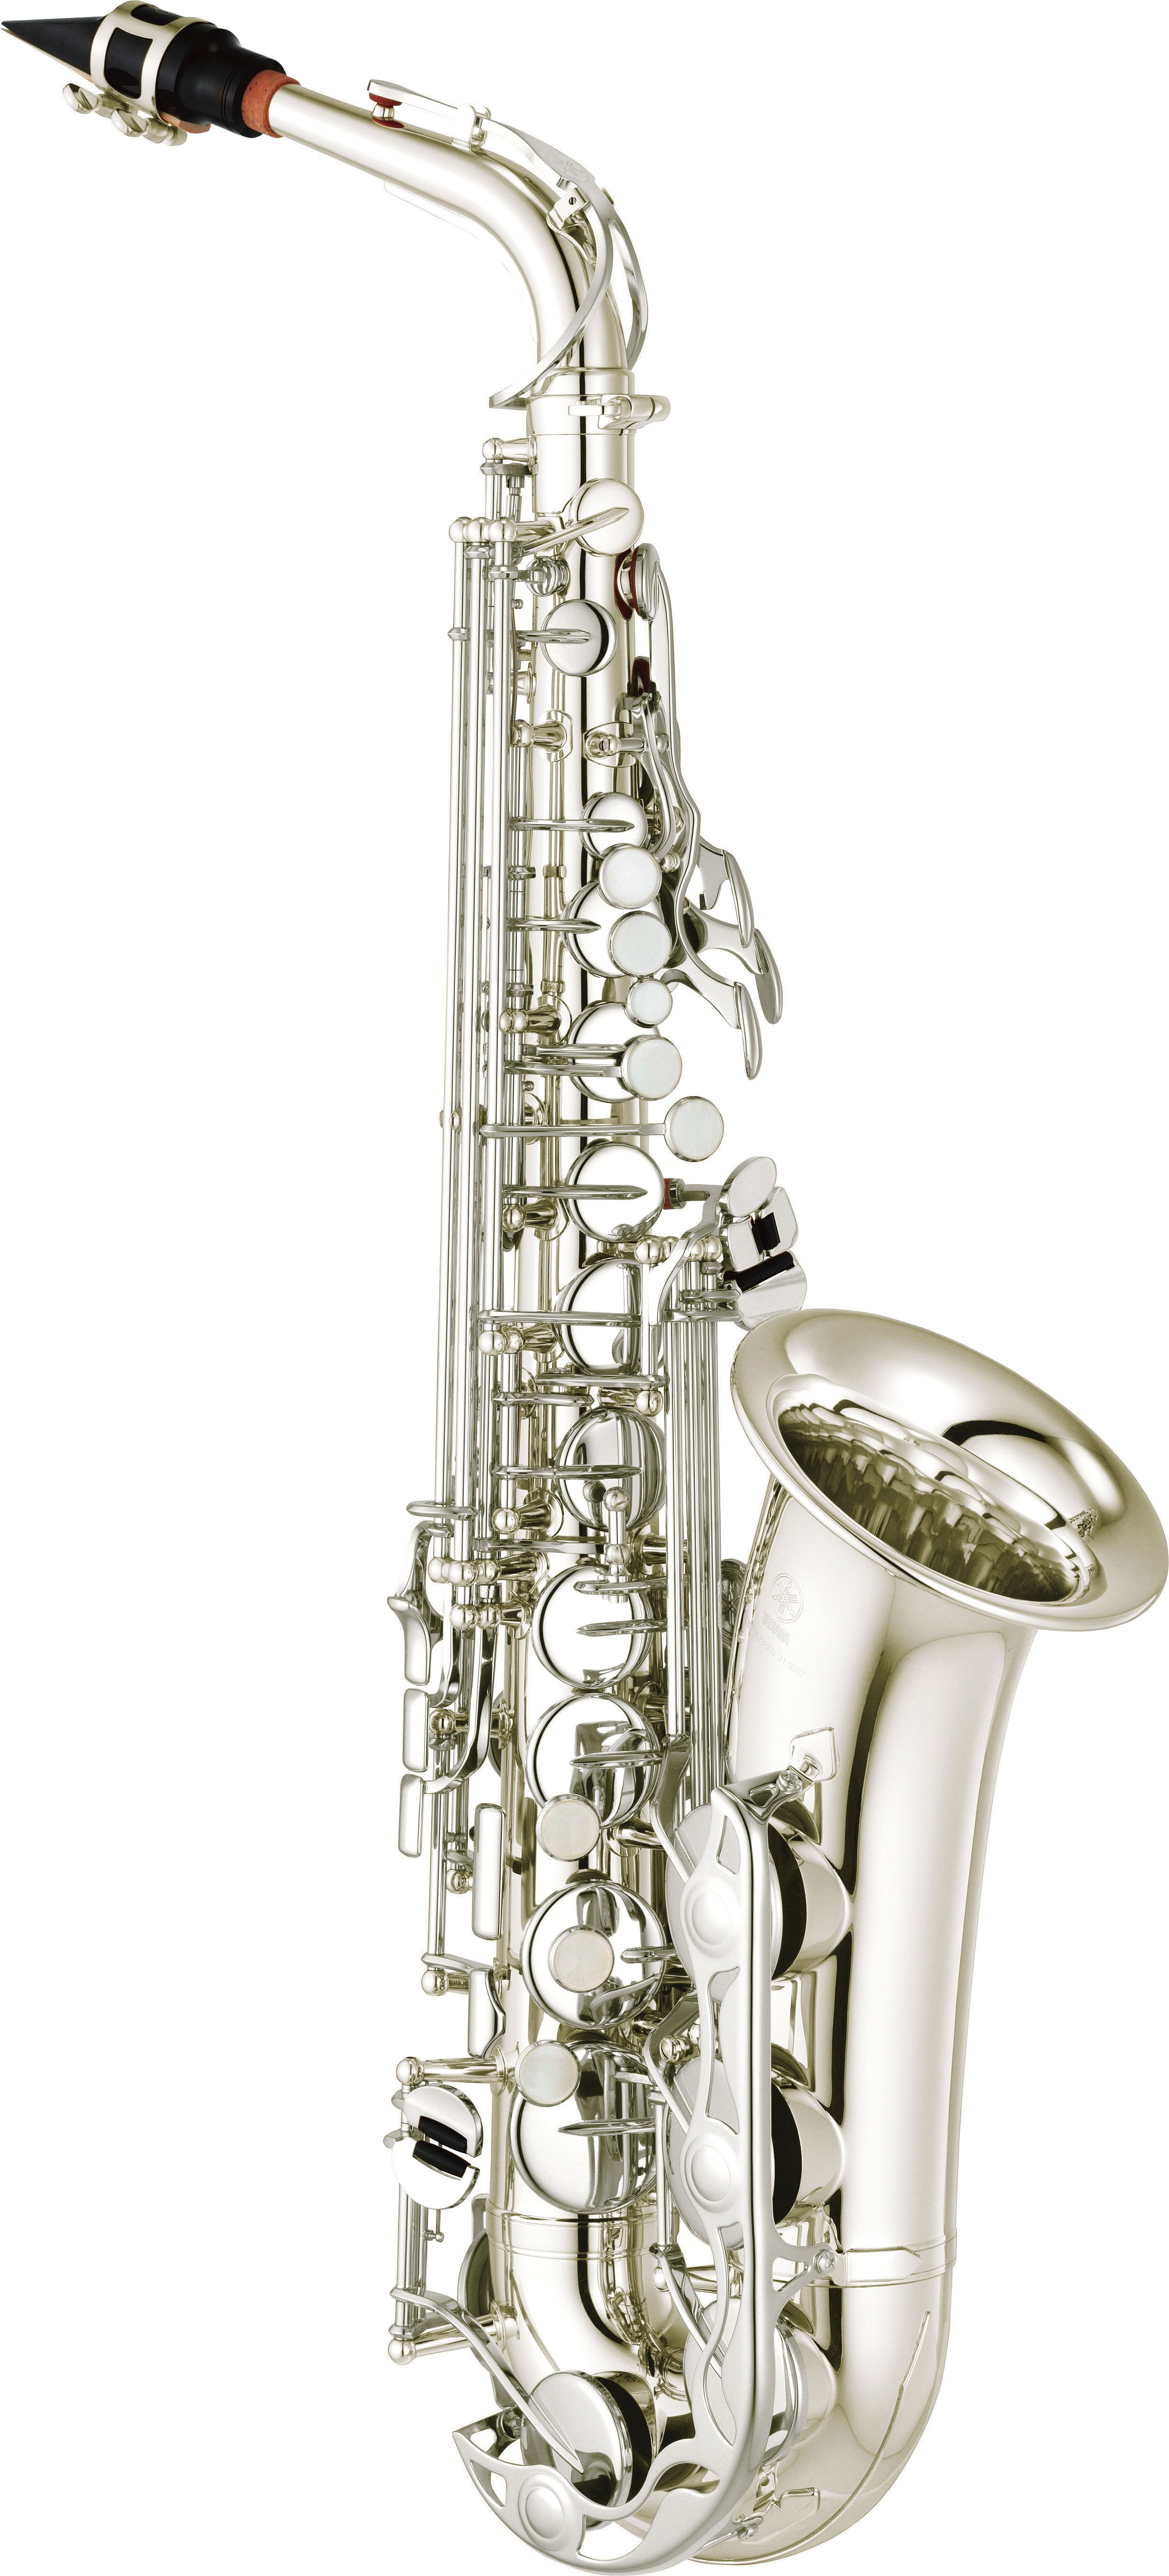 Yamaha - YAS - 280 - S - Holzblasinstrumente - Saxophone | MUSIK BERTRAM Deutschland Freiburg